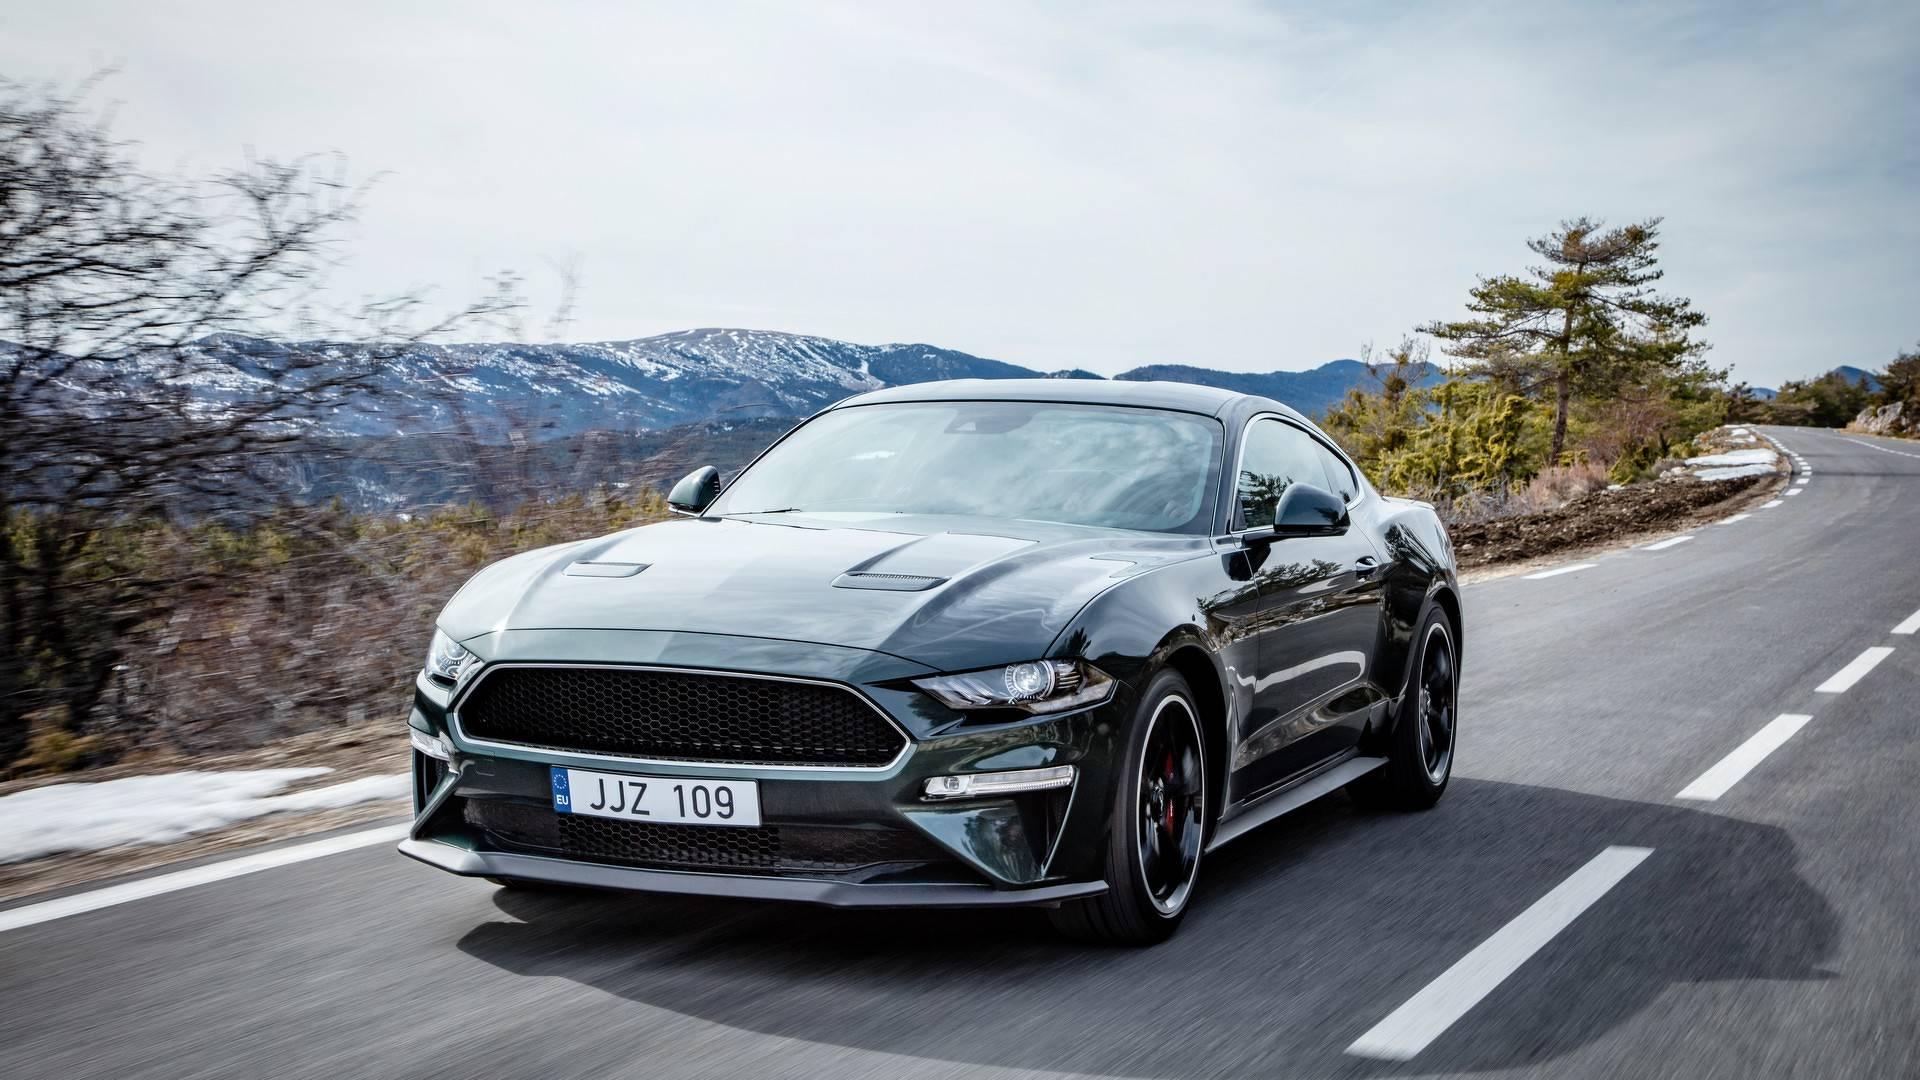 2019-ford-mustang-bullitt-euro-spec (2).jpg